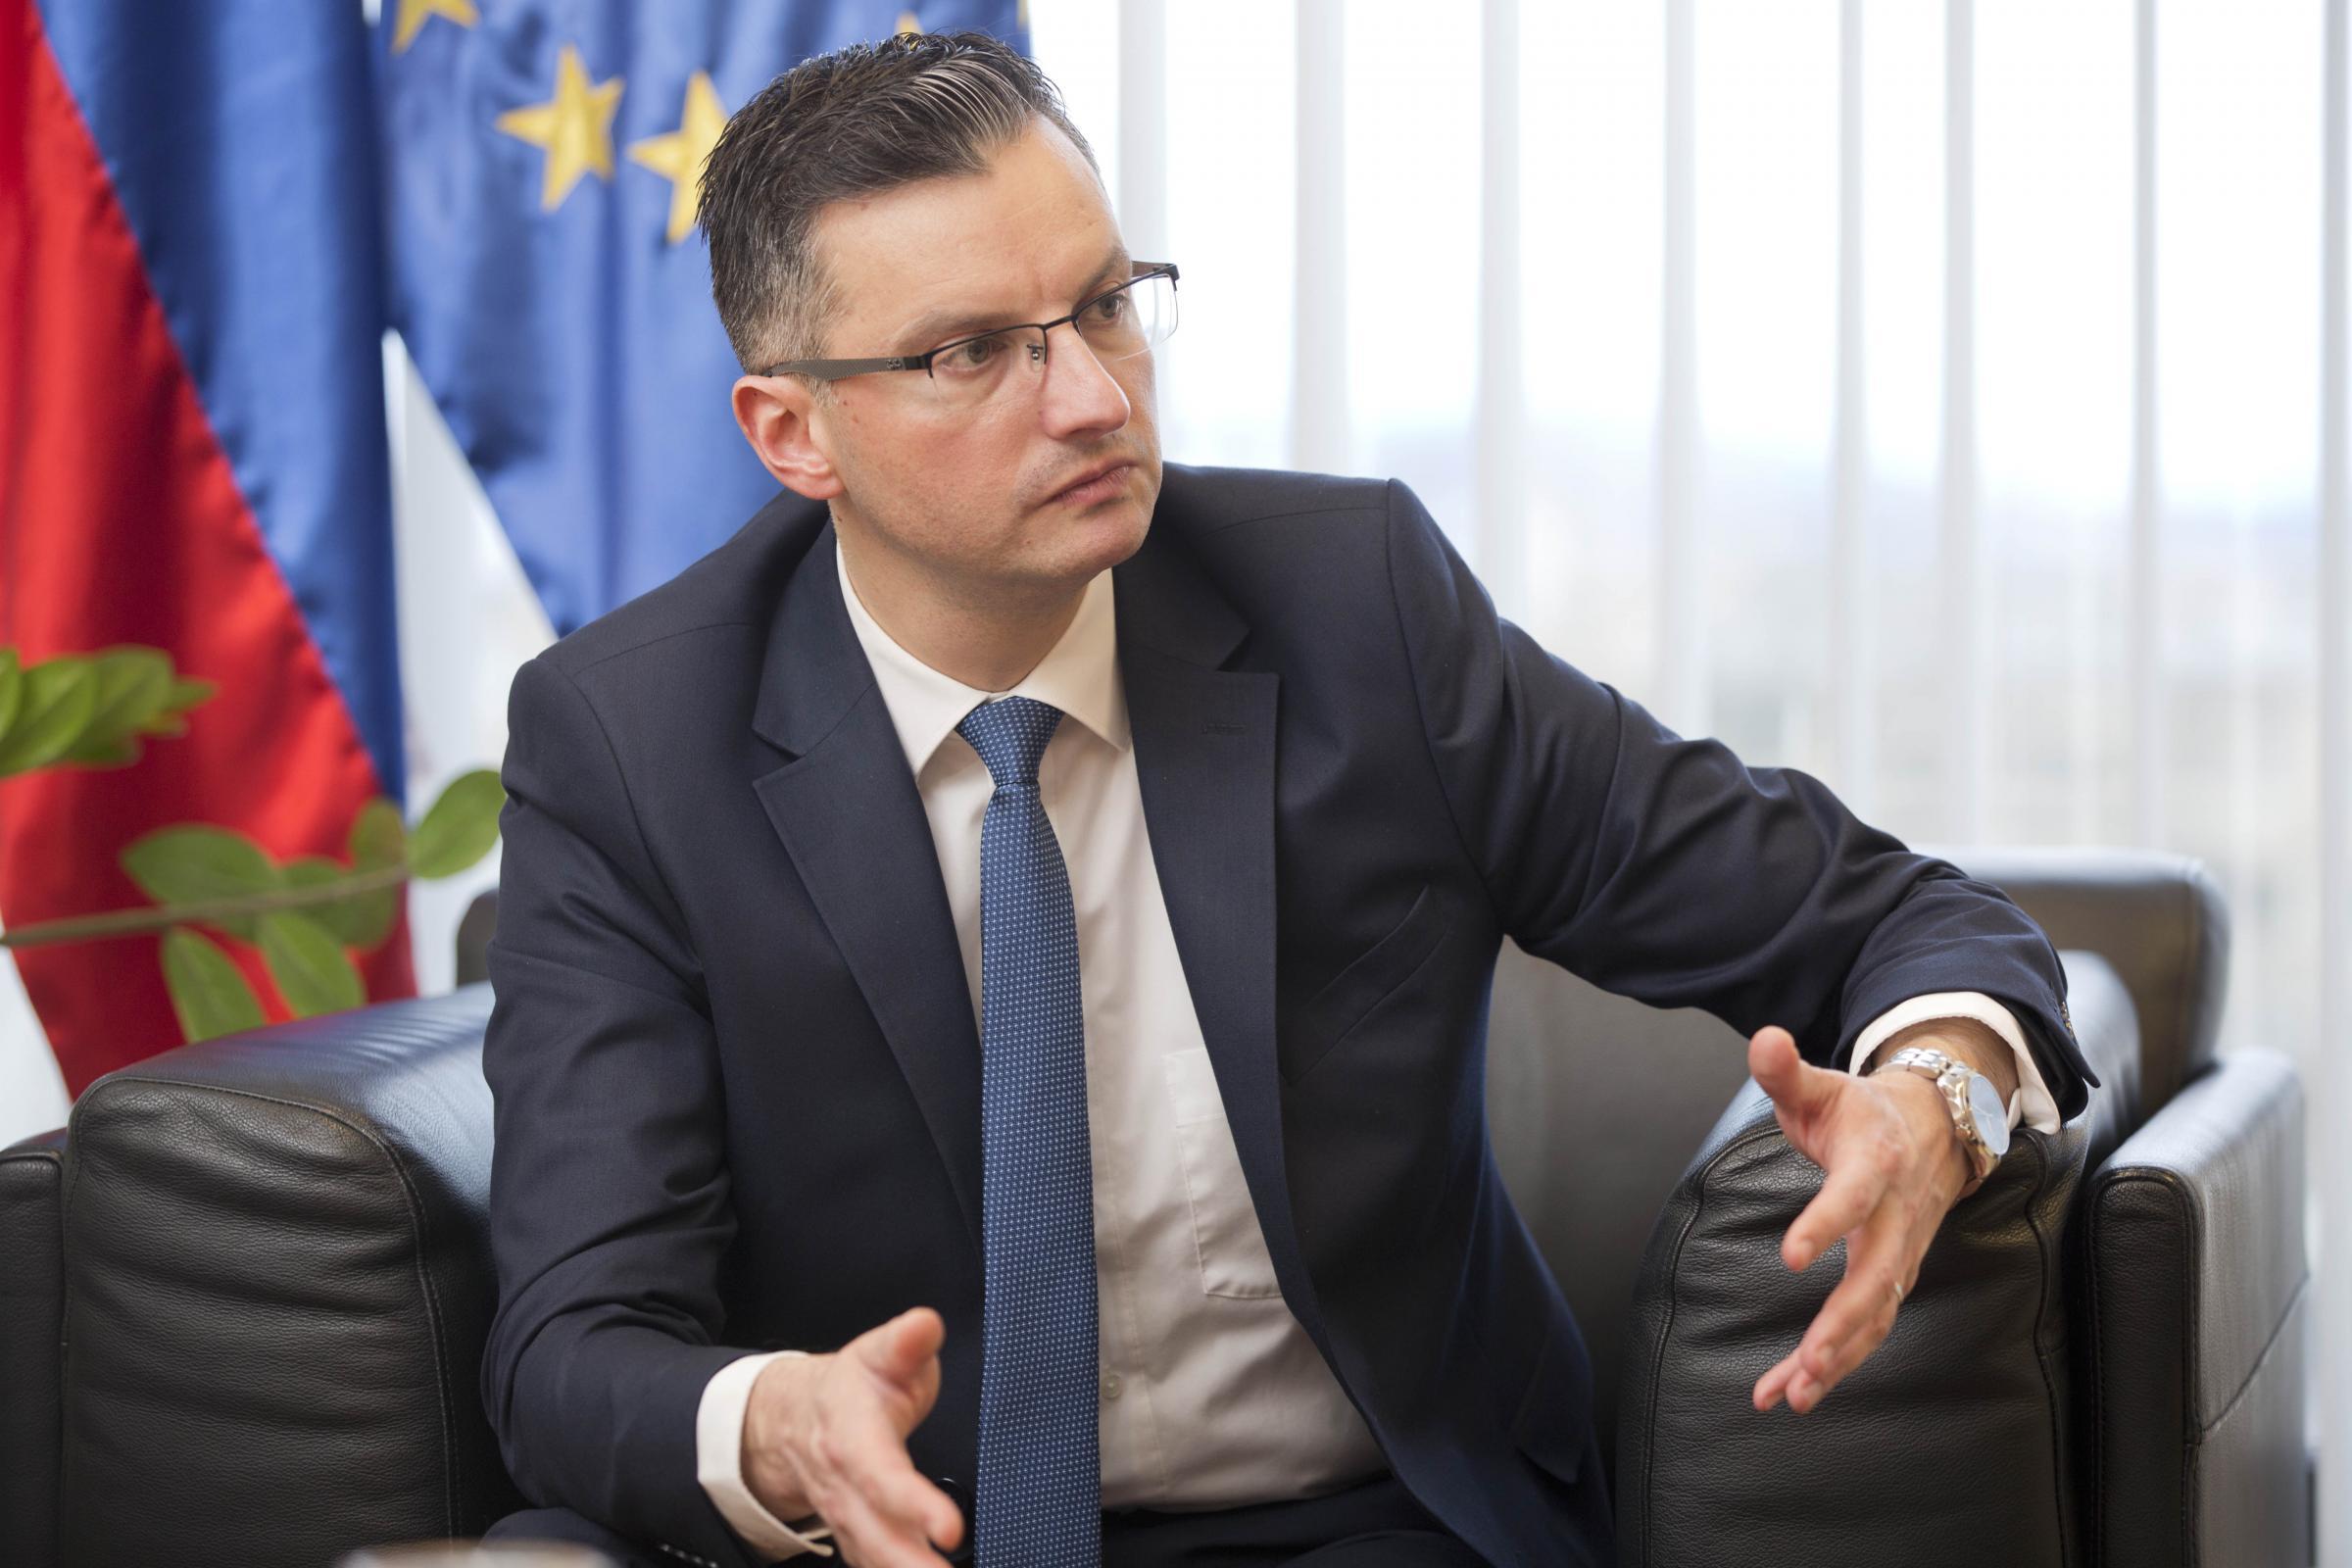 Marjan Šarec Vir:Insajder